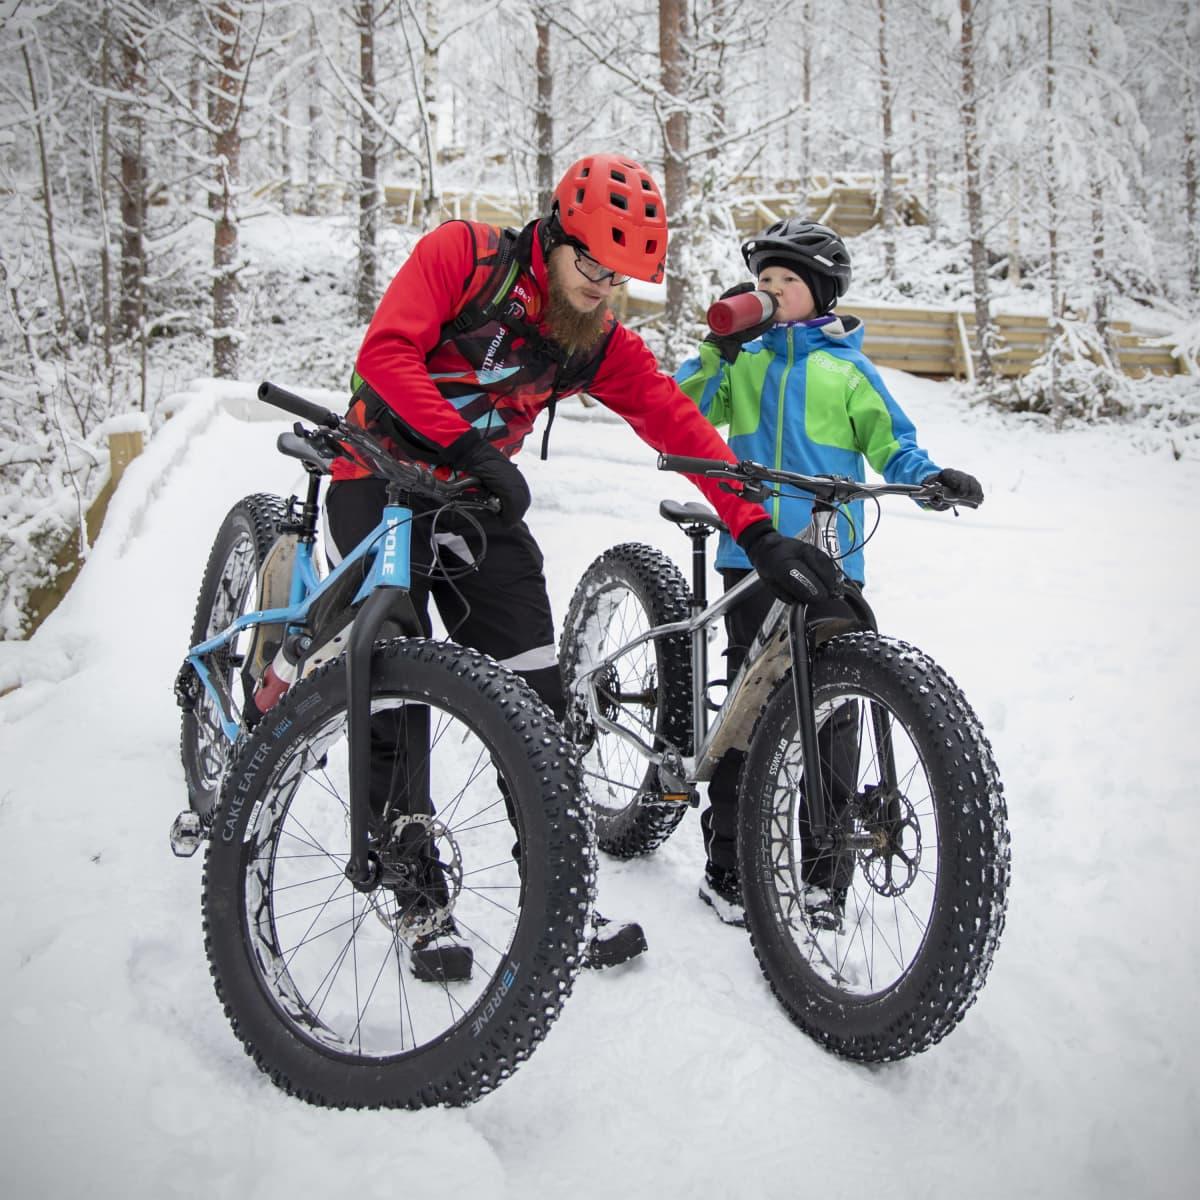 Sami ja Paavo Korhonen fatbike-pyöriensä äärellä lumisessa metsässä.